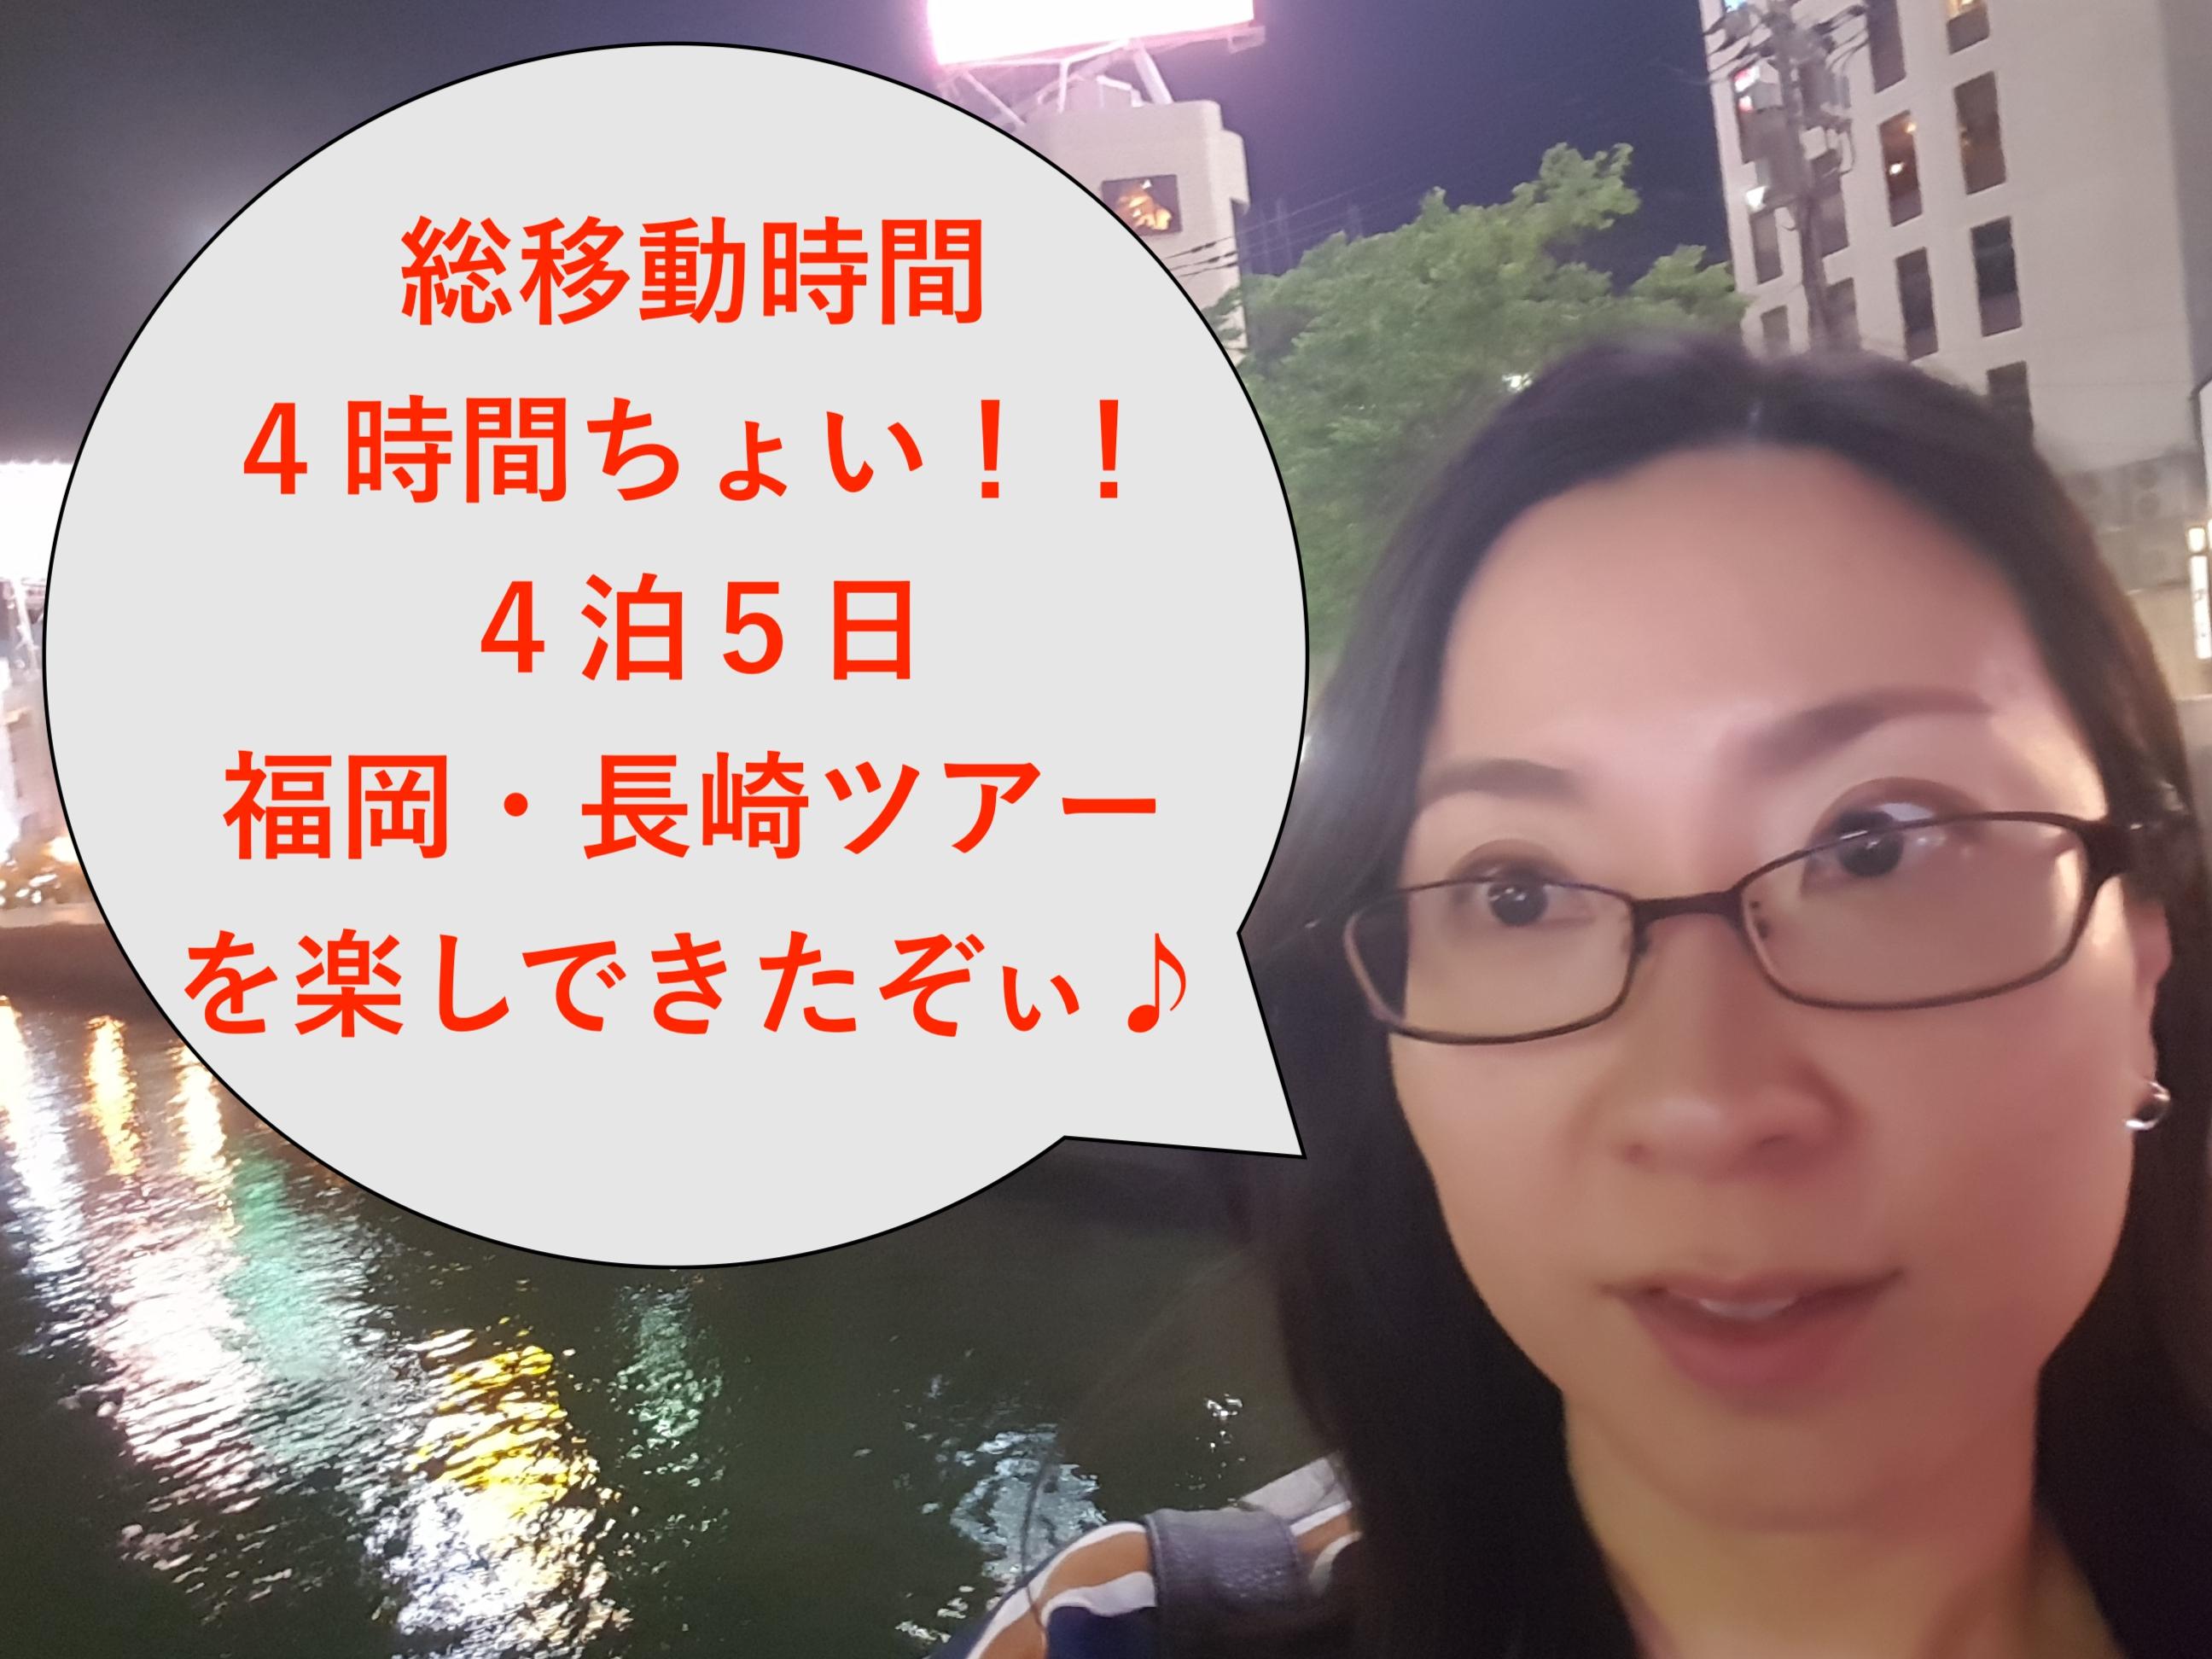 総移動時間4時間ちょい!!4泊5日福岡・長崎ツアーを楽しできたぞぃ♪